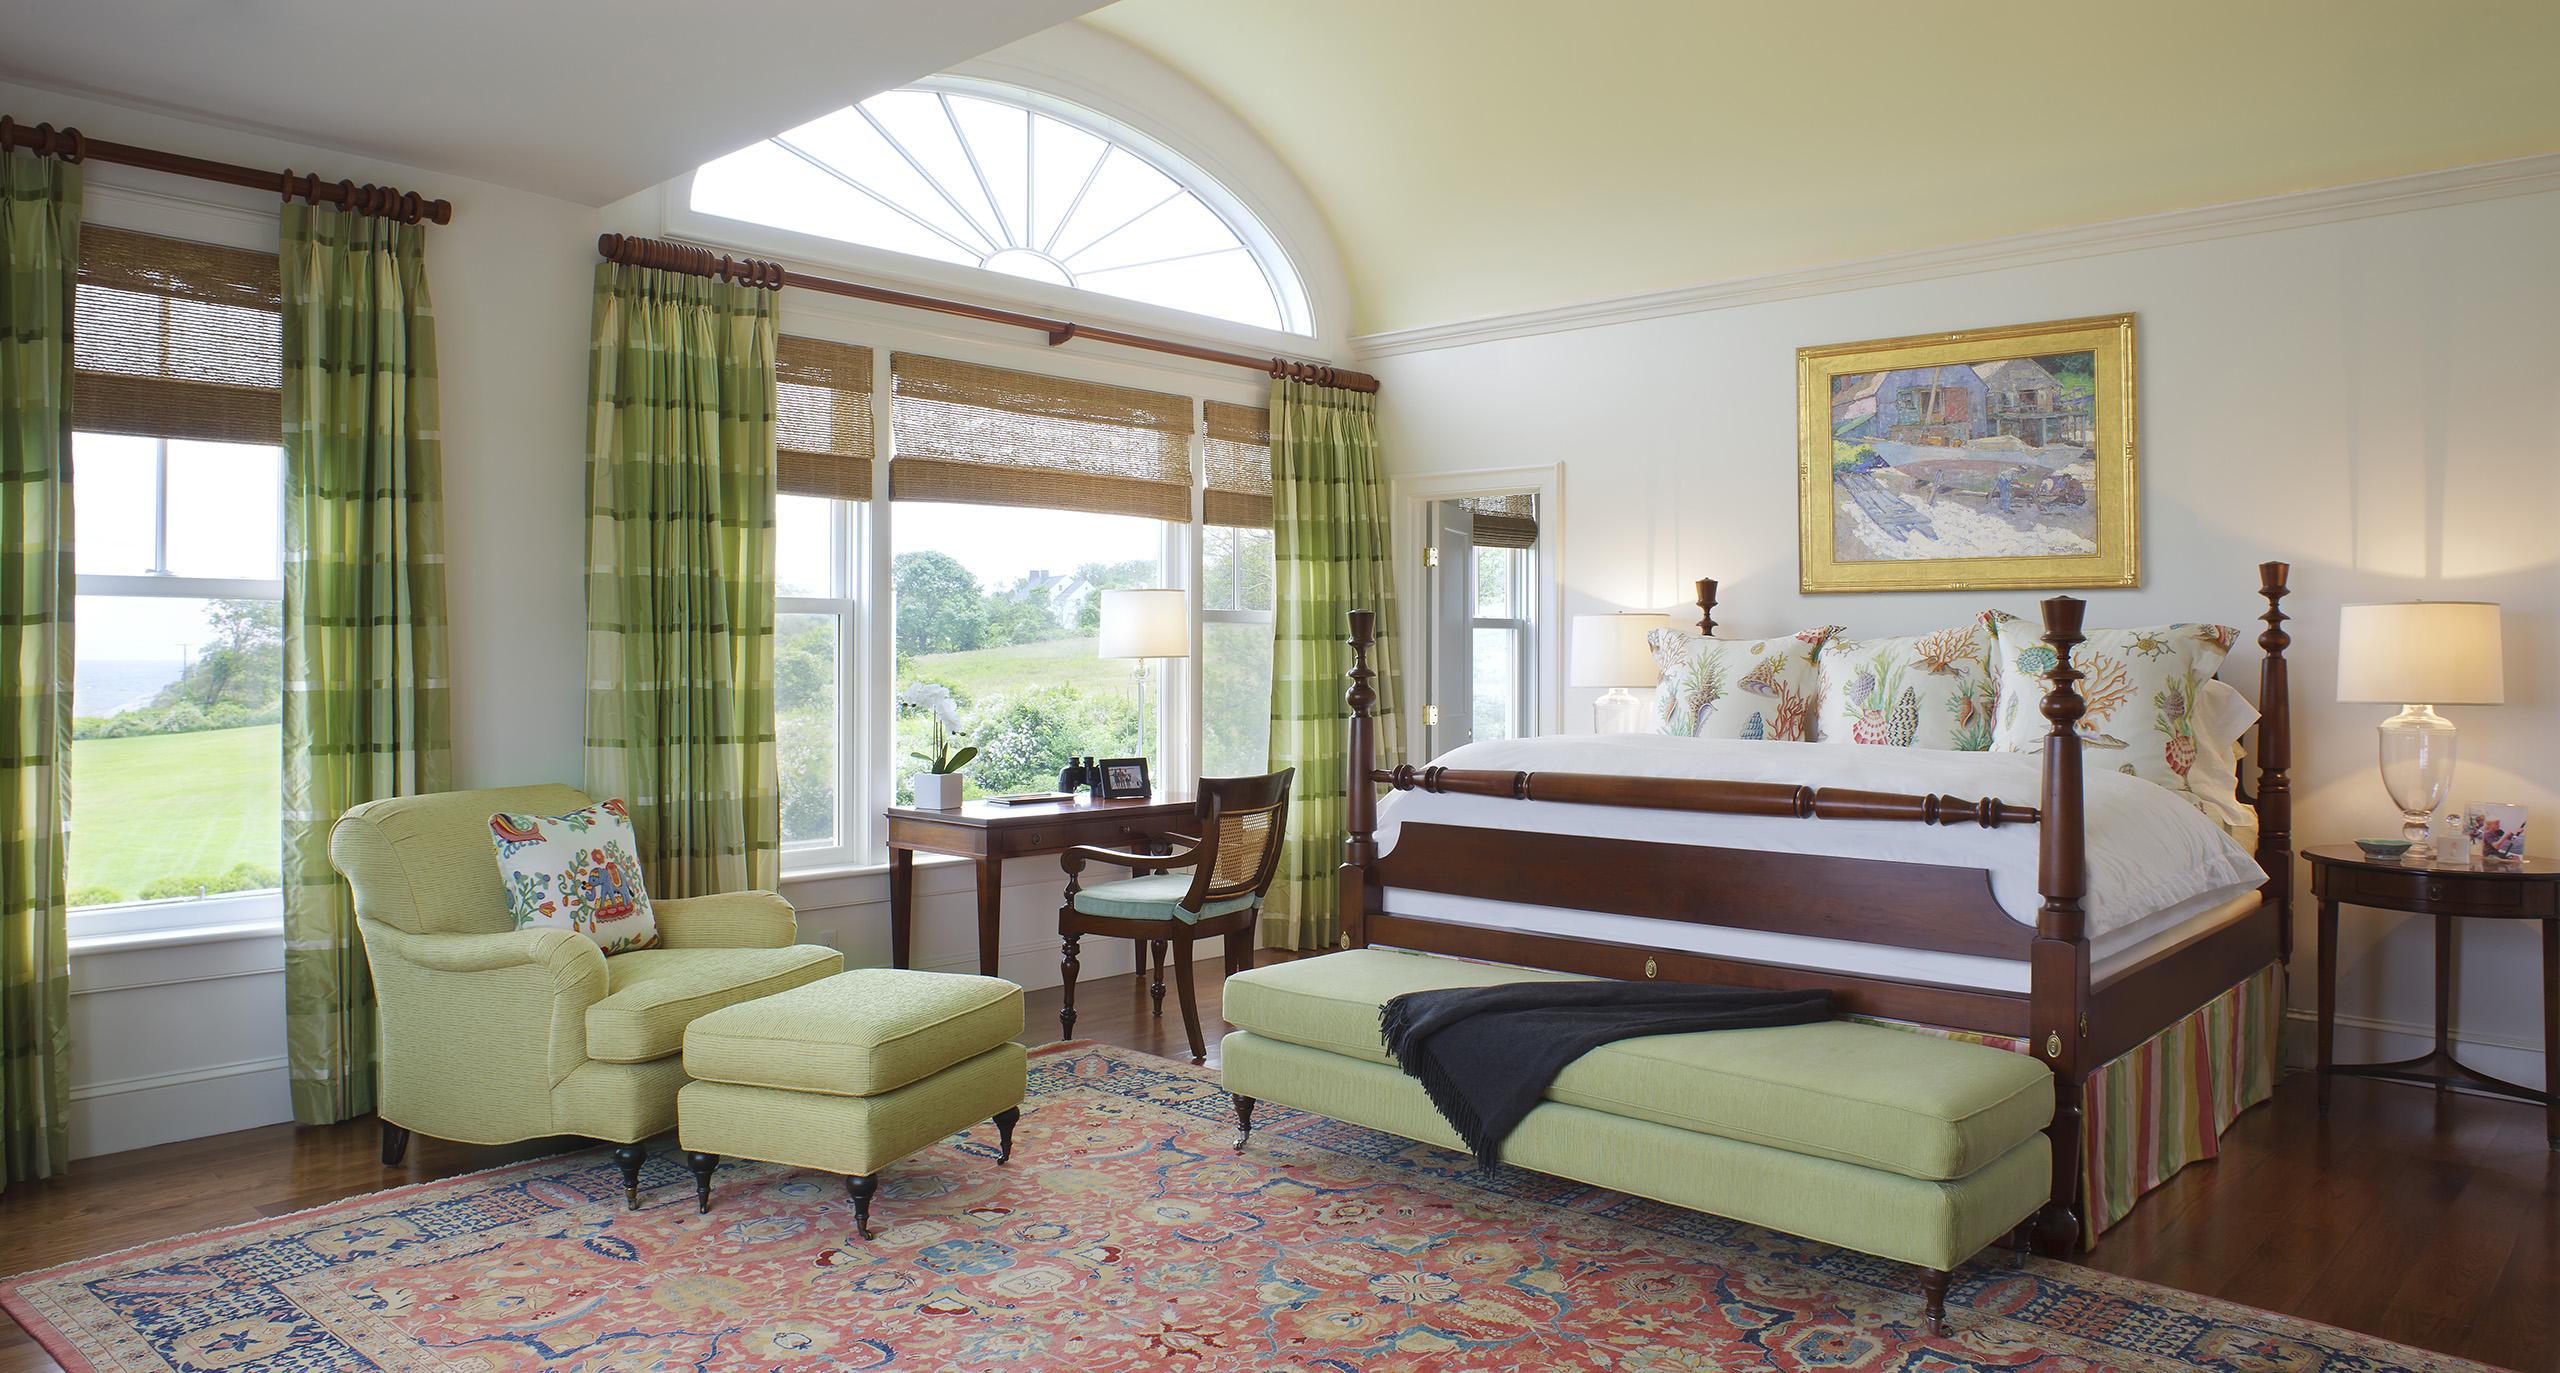 estuary green bedroom